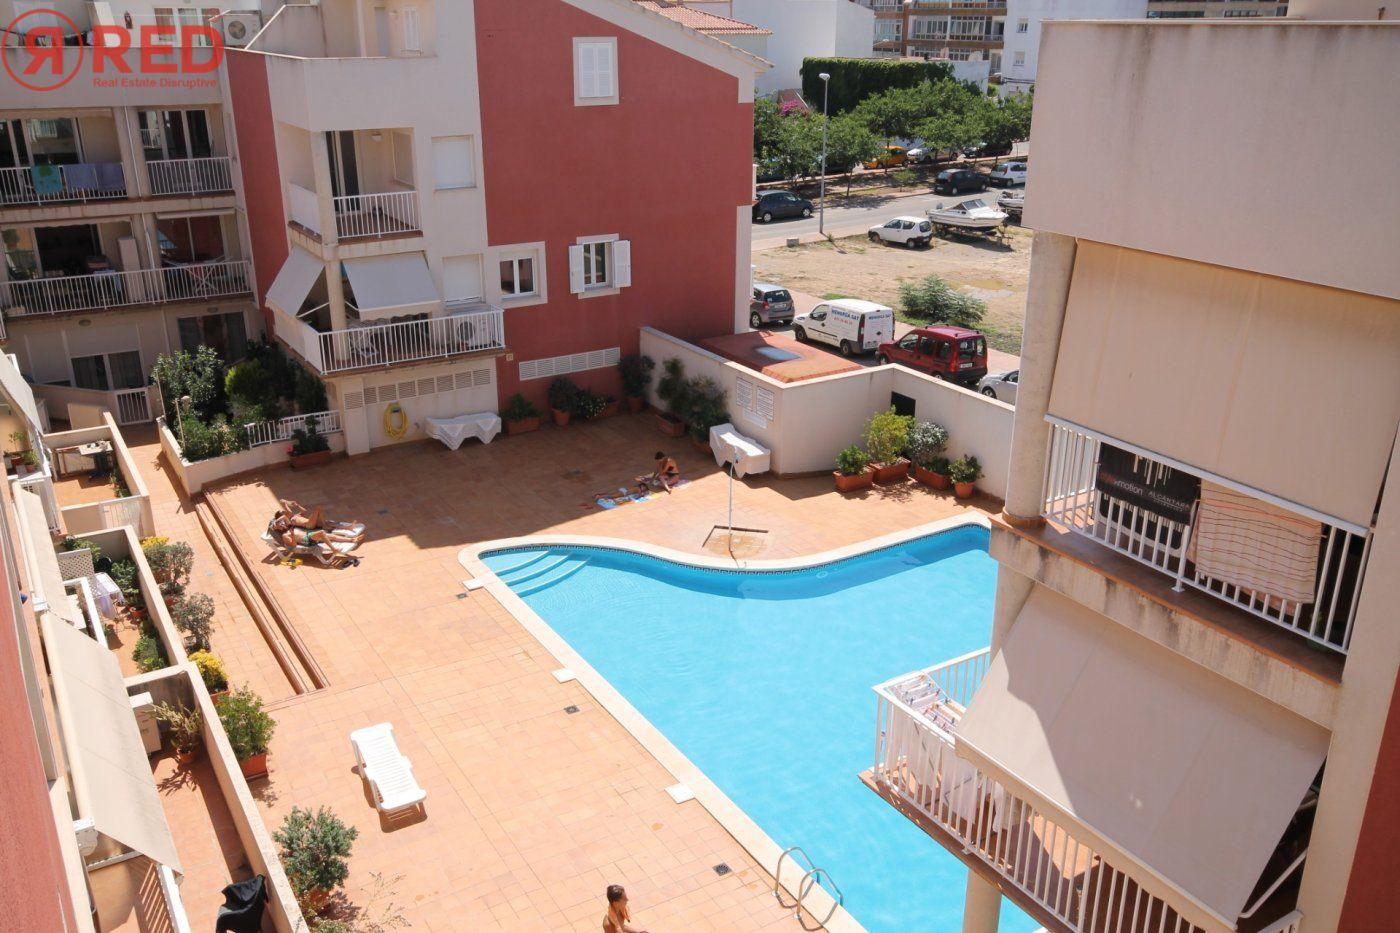 Dúplex con terraza y piscina comunitaria, equipamiento y mobiliario excepcional - imagenInmueble24